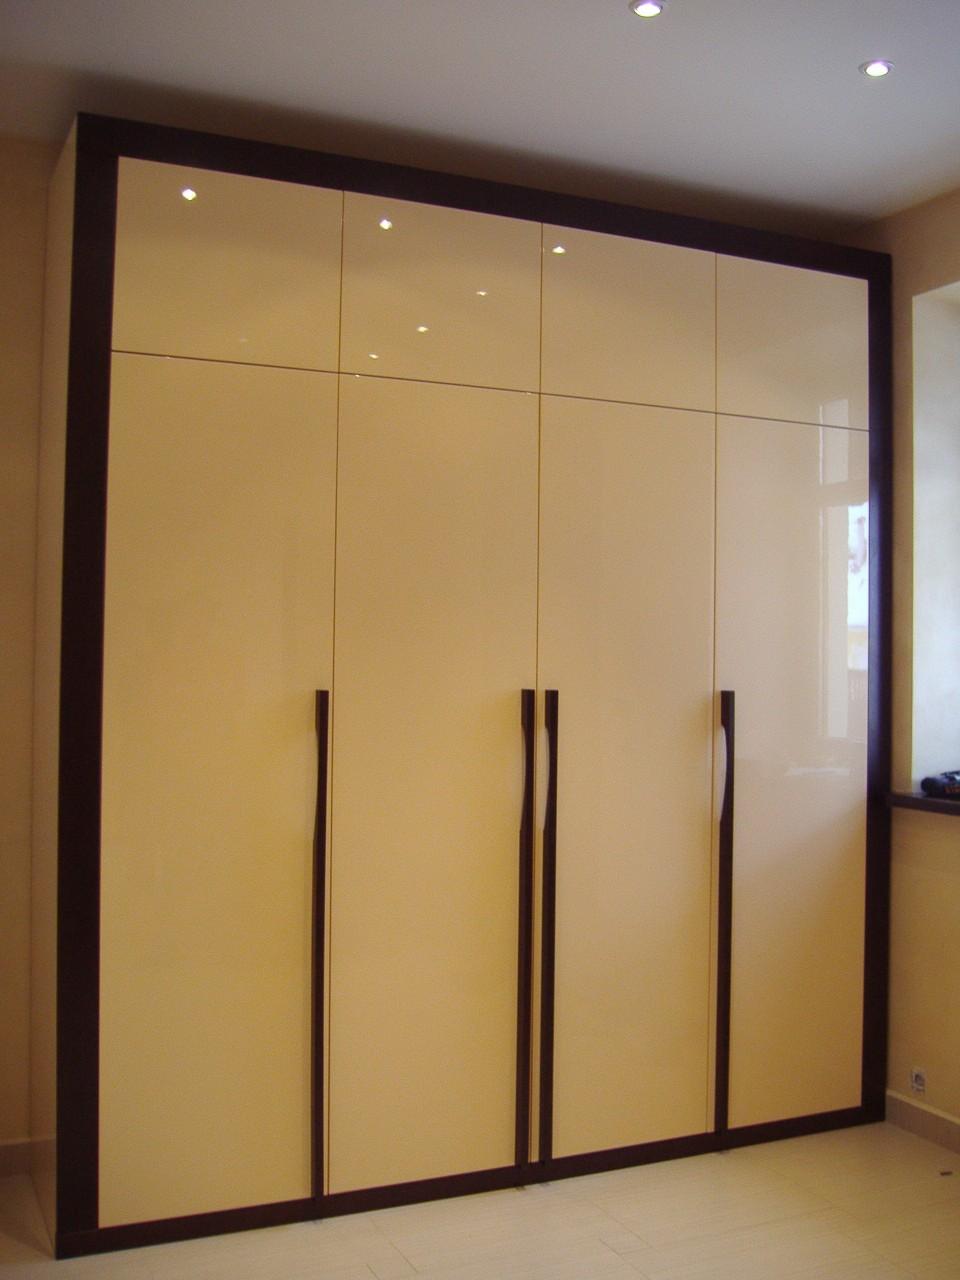 вместительный шкаф с антресолями